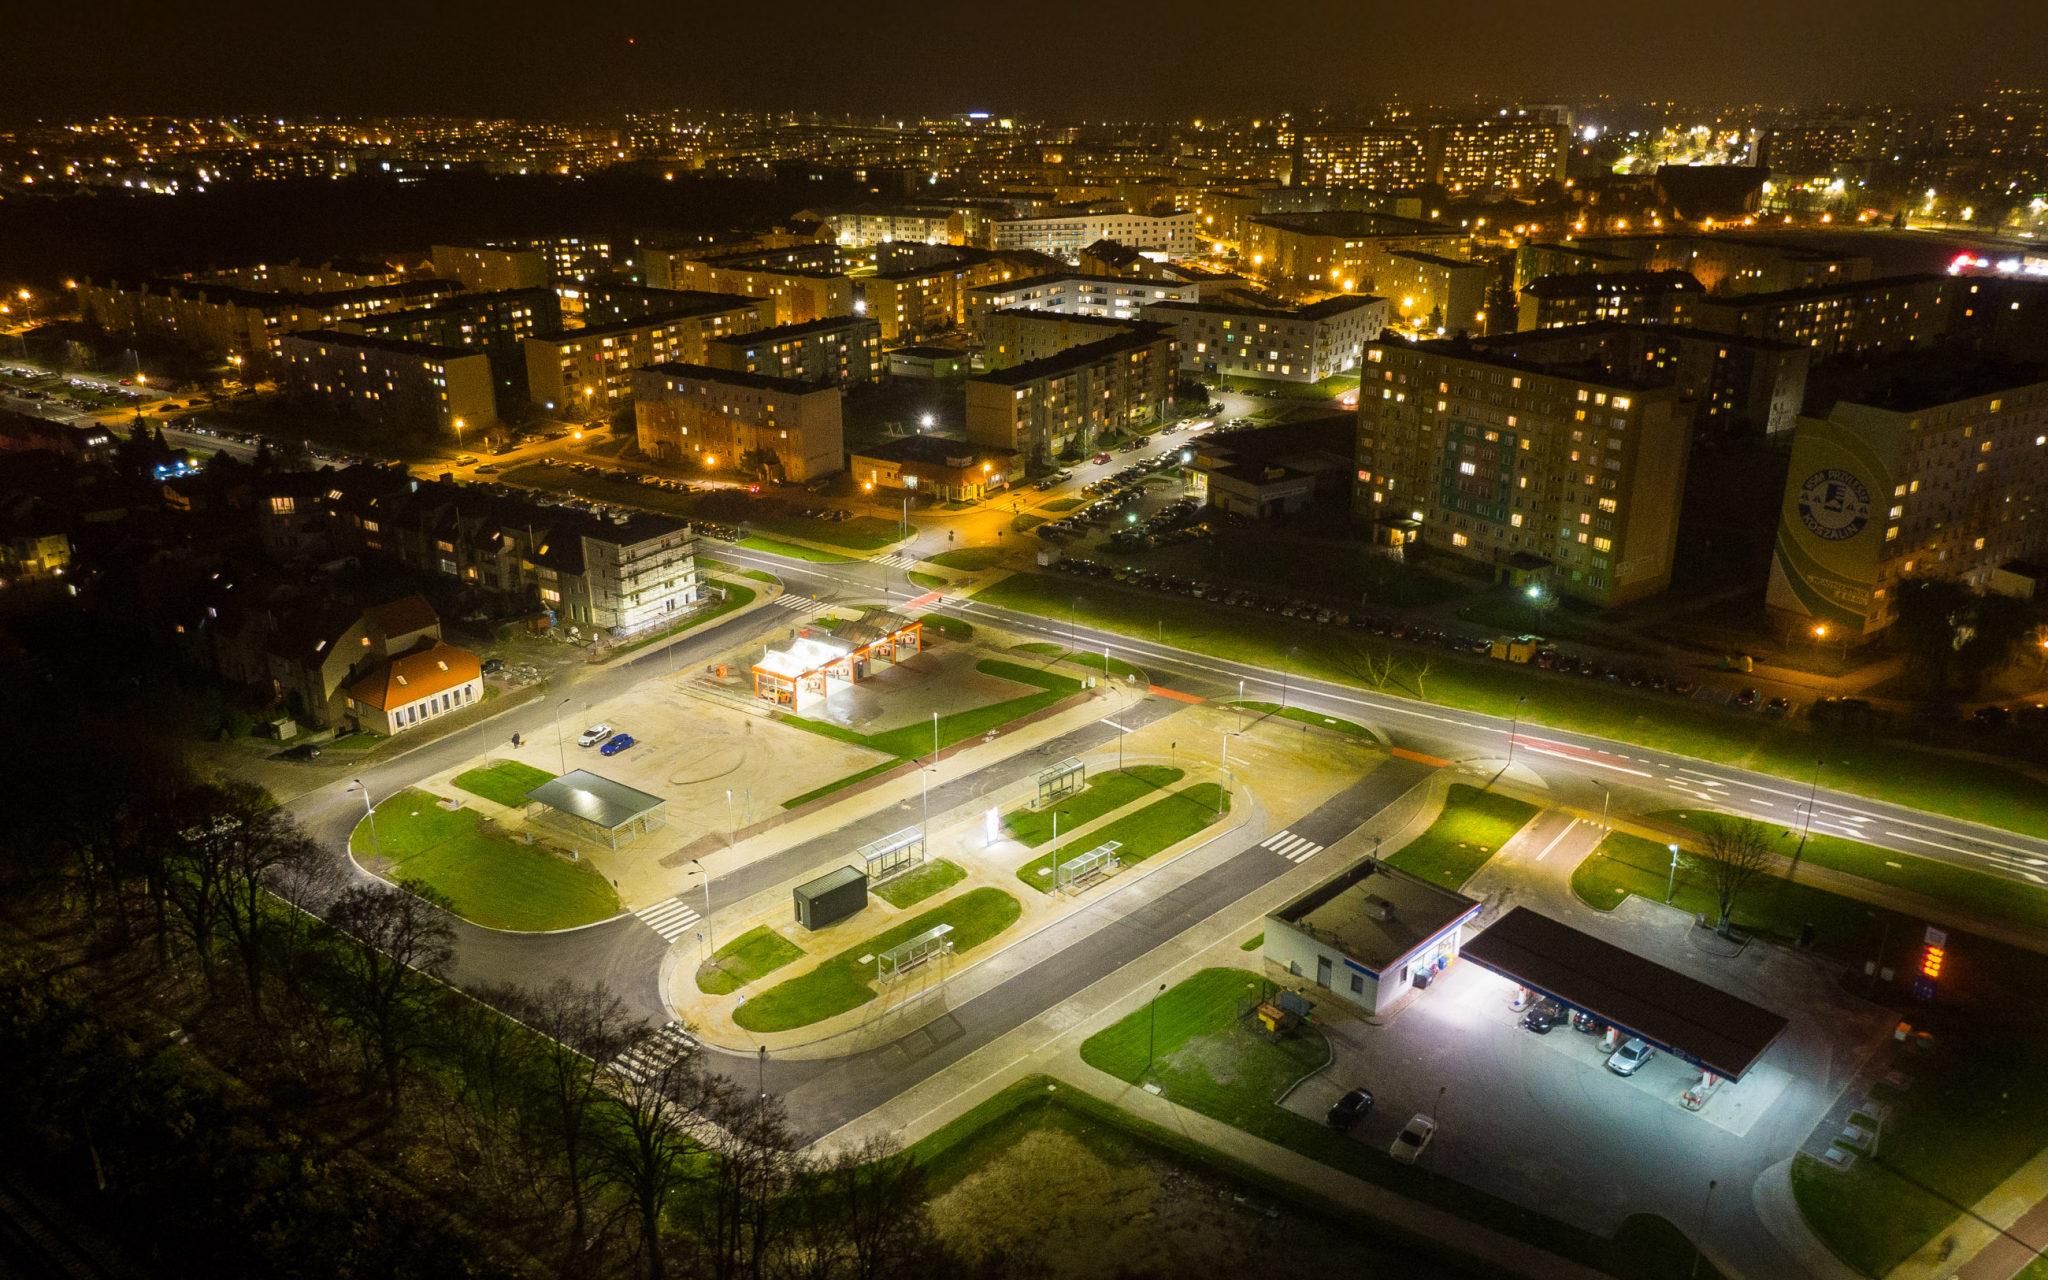 mzk-fot.Marcin-Golik